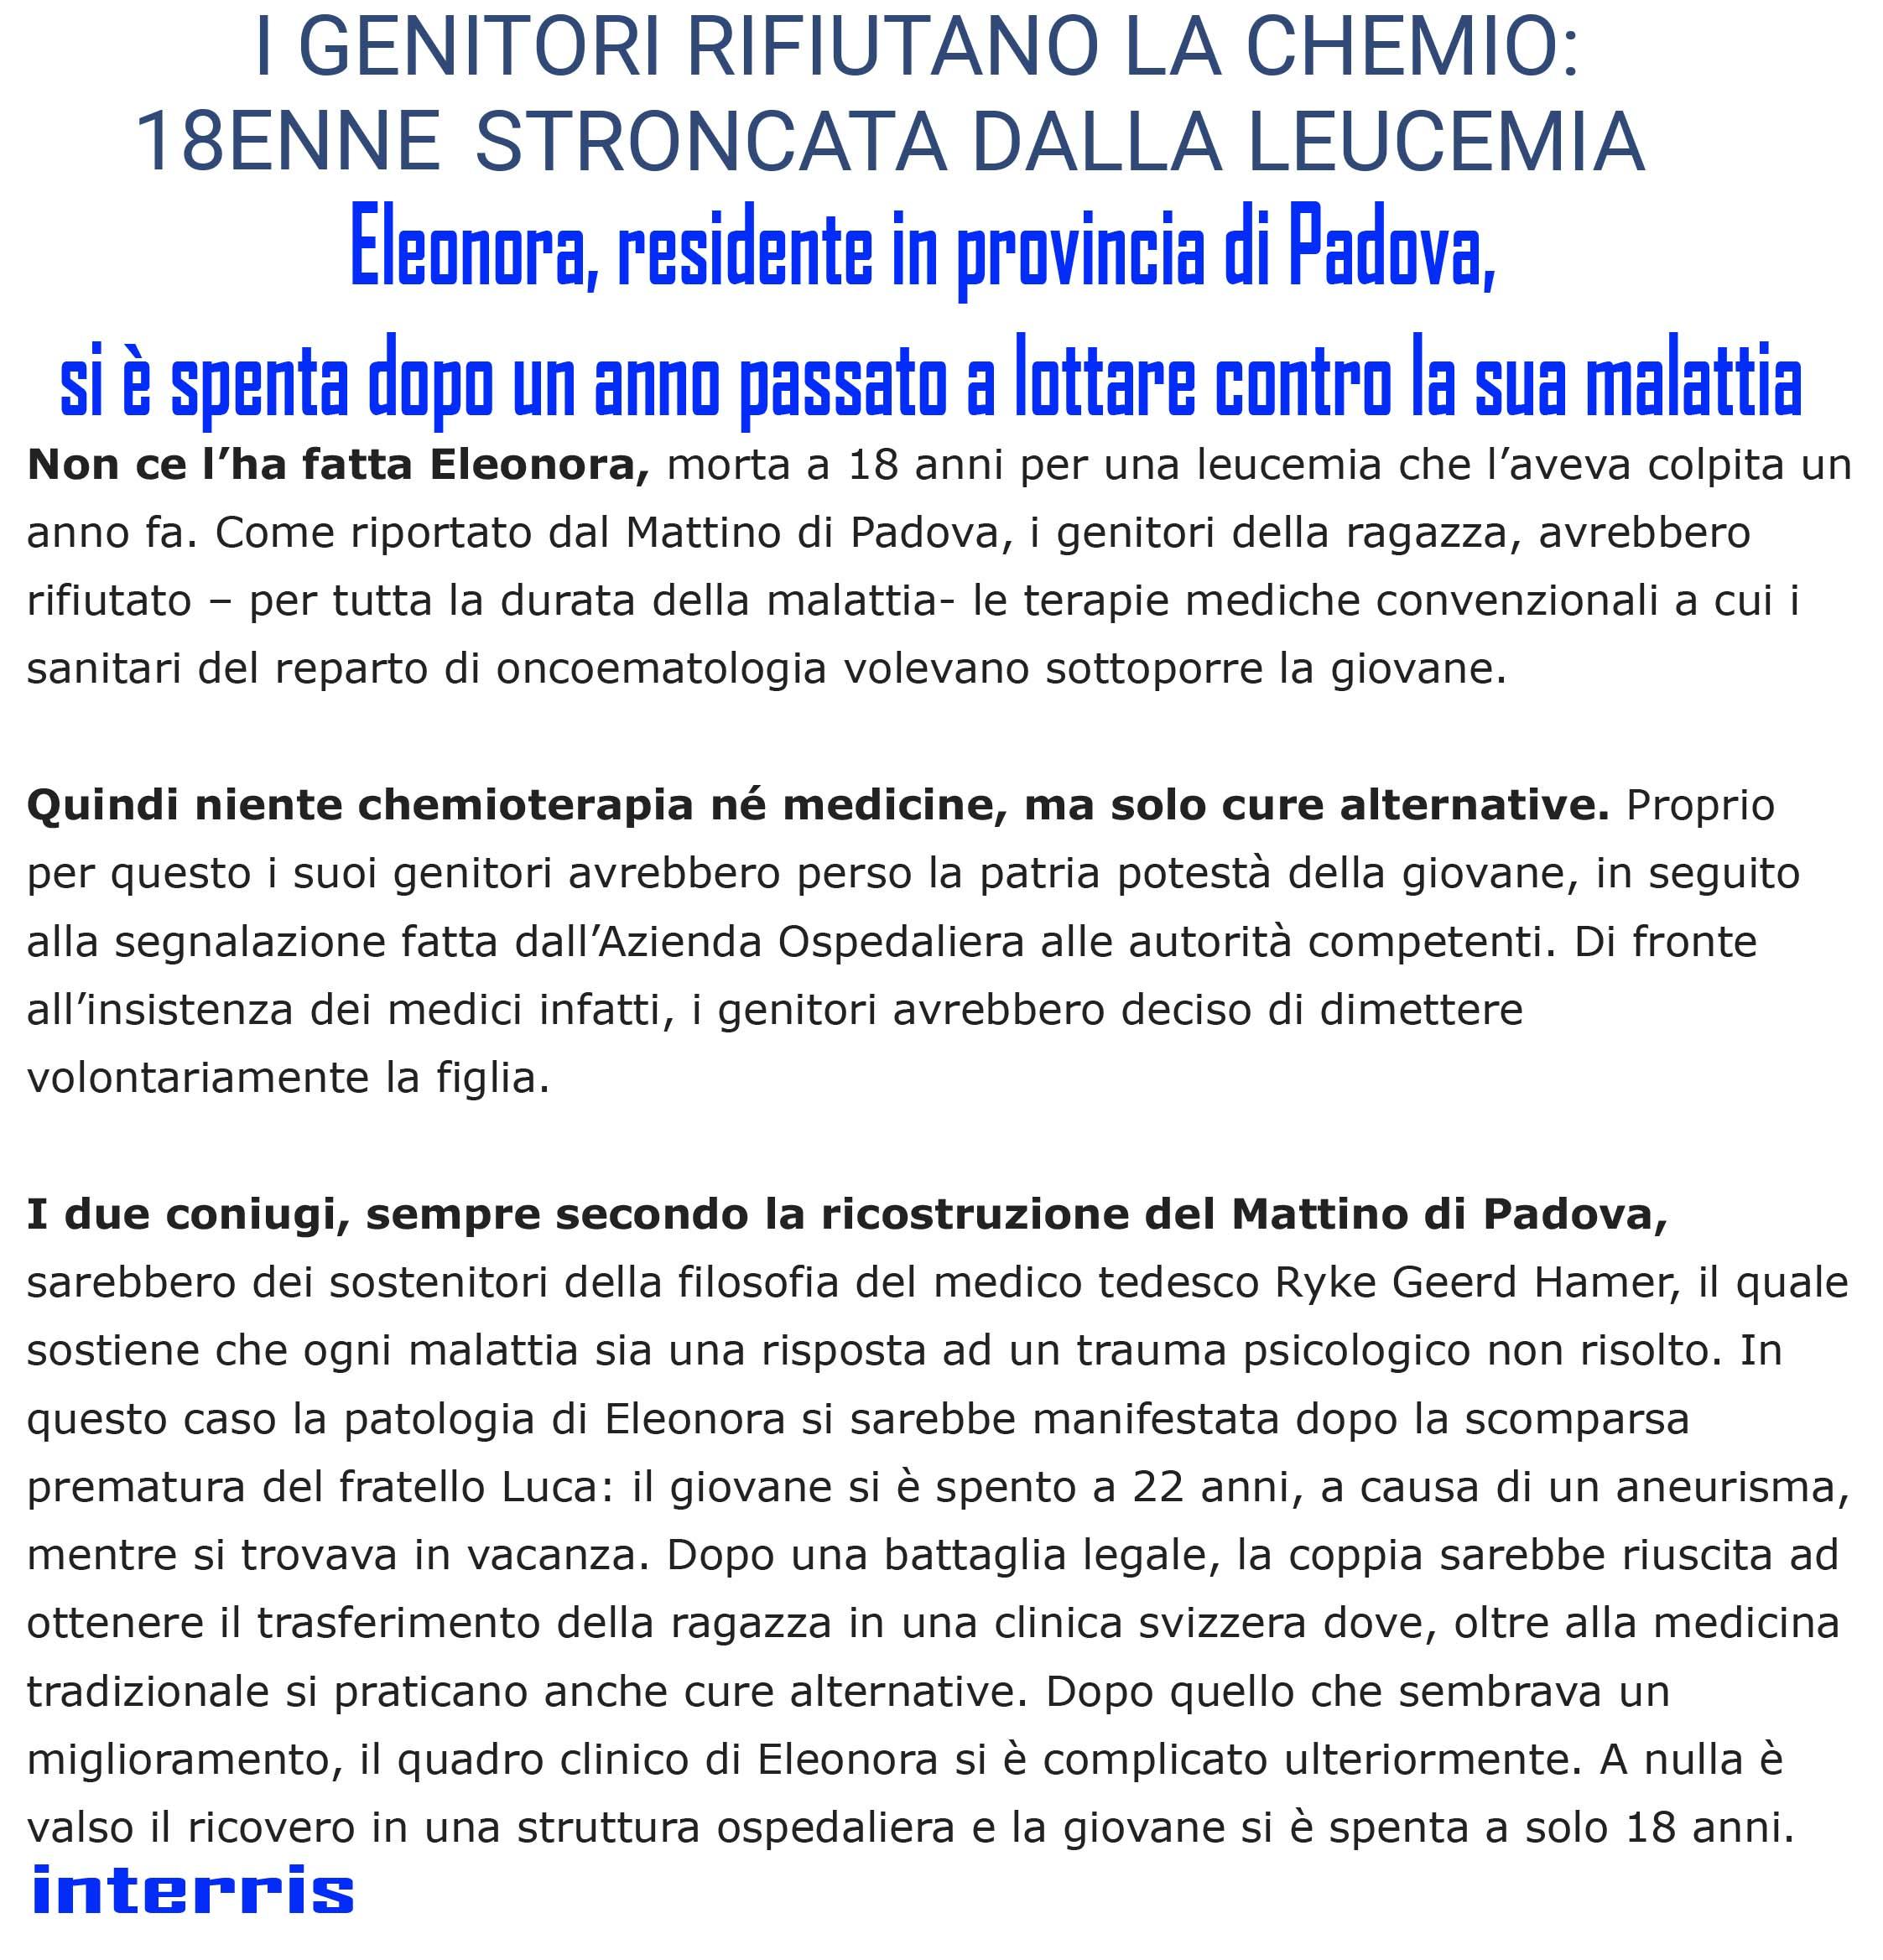 I GENITORI RIFIUTANO LA CHEMIO_ 18ENNE STRONCATA DALLA LEUCEMIA - In Terris - News on line-1